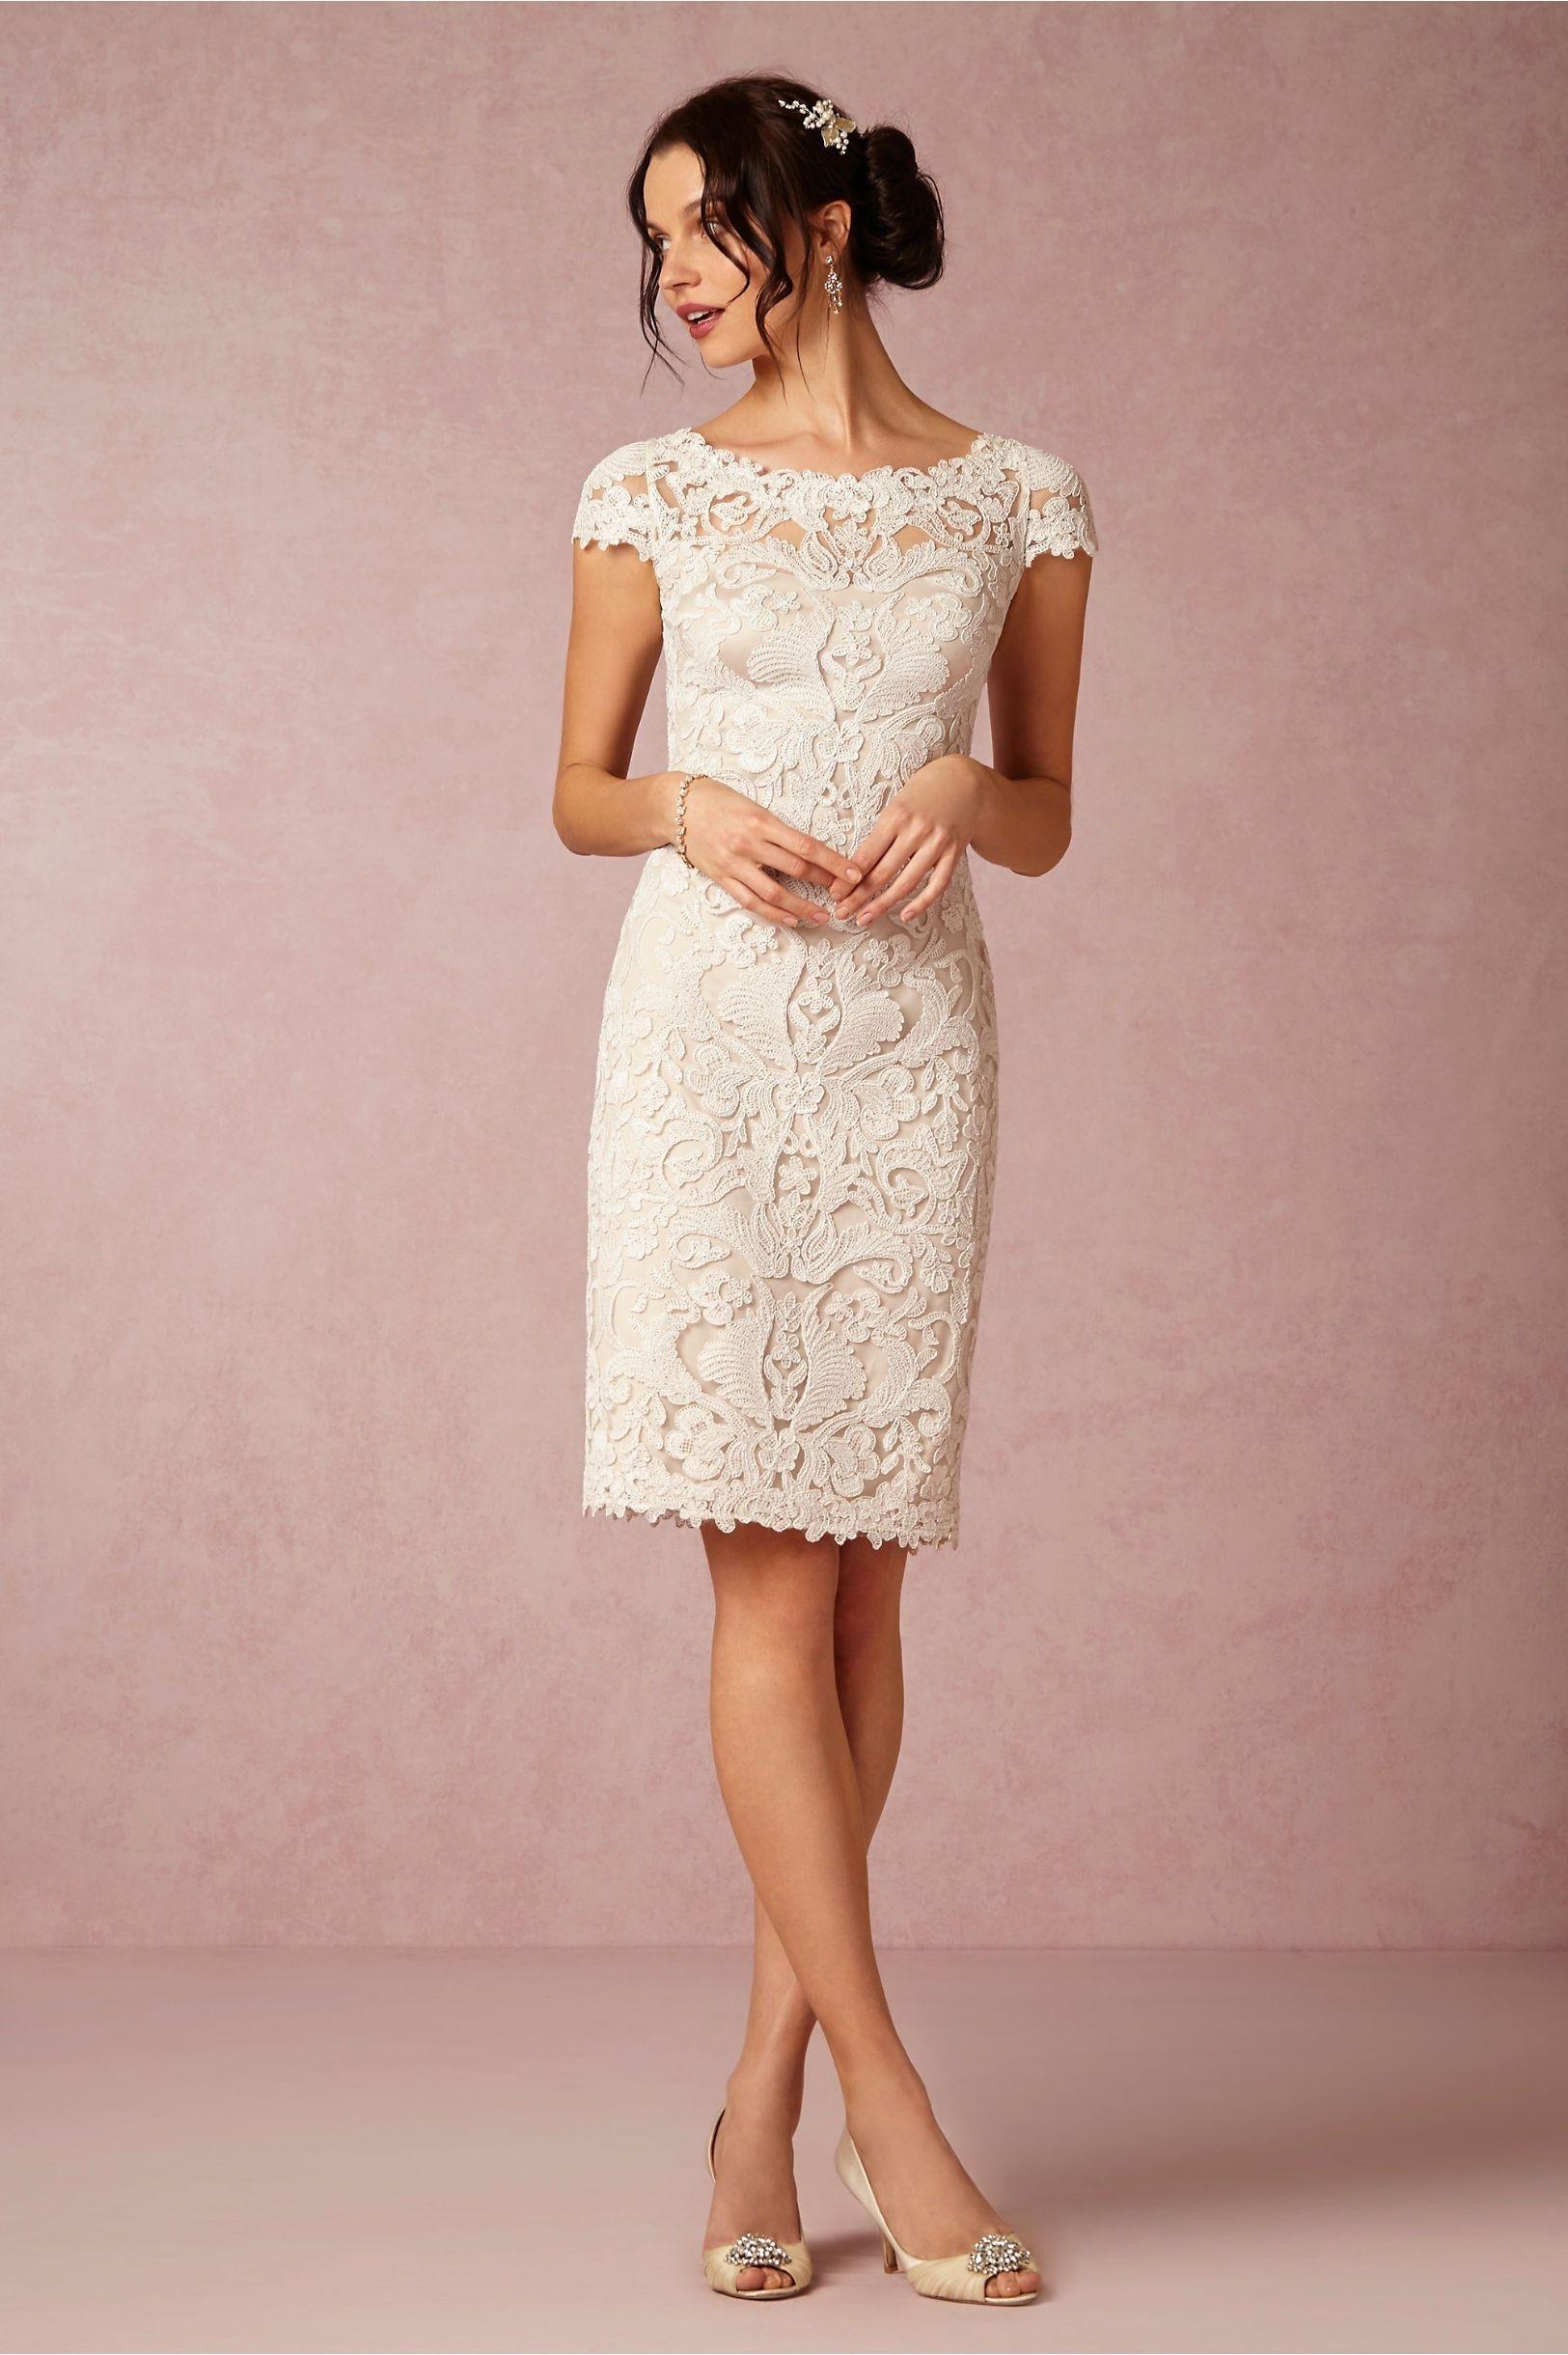 13 Genial Schöne Kleider Für Eine Hochzeit Vertrieb13 Elegant Schöne Kleider Für Eine Hochzeit Bester Preis